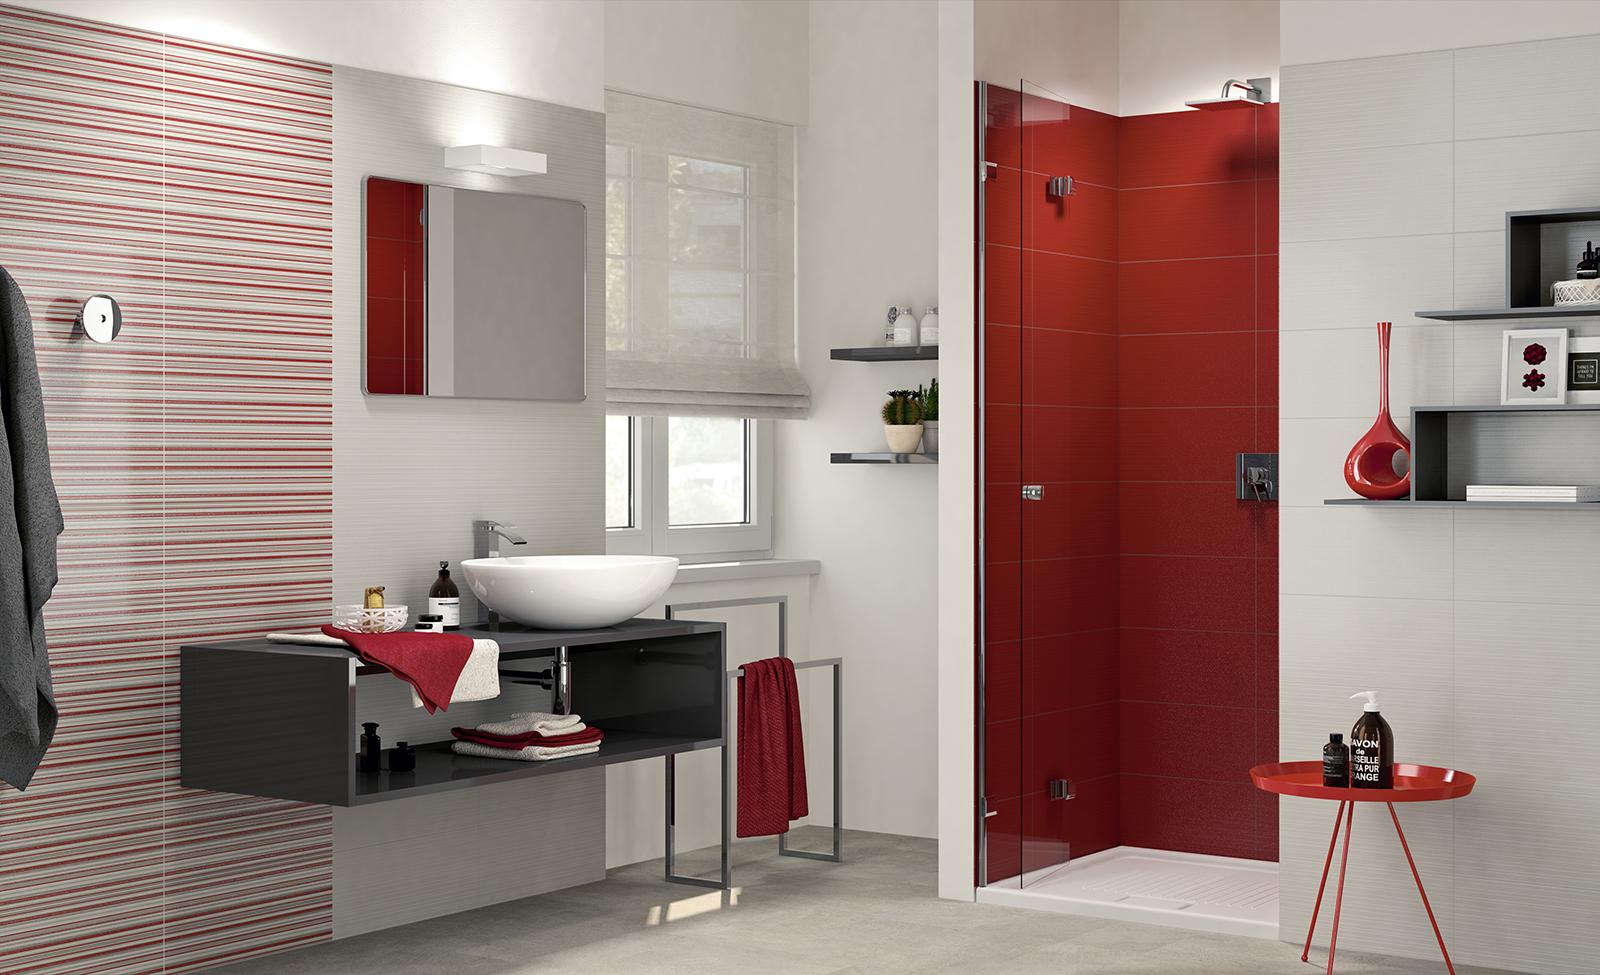 Shine rivestimento colorato marazzi - Piastrelle colorate per bagno ...